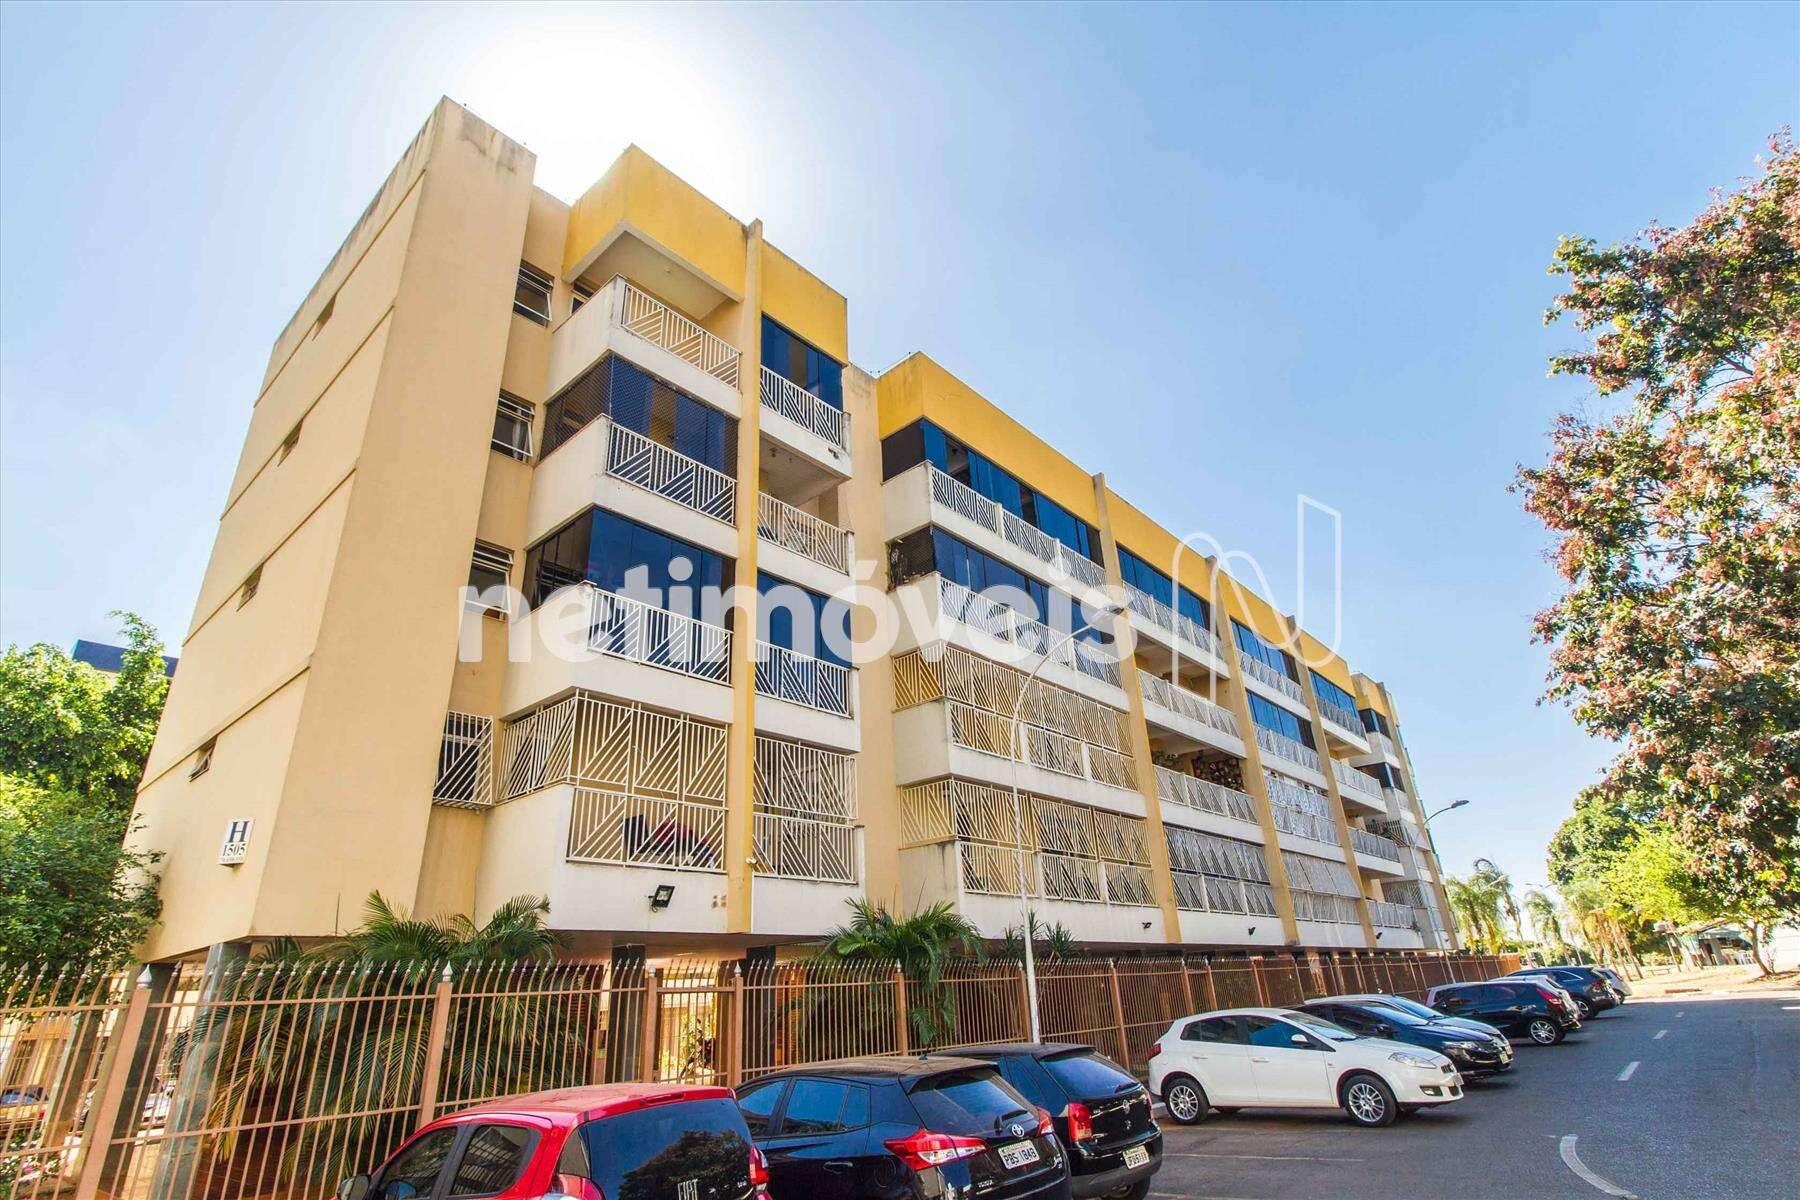 apartamento 3 quartos,apartamento 2 quartos,distrito federal,novo,cruzeiro,